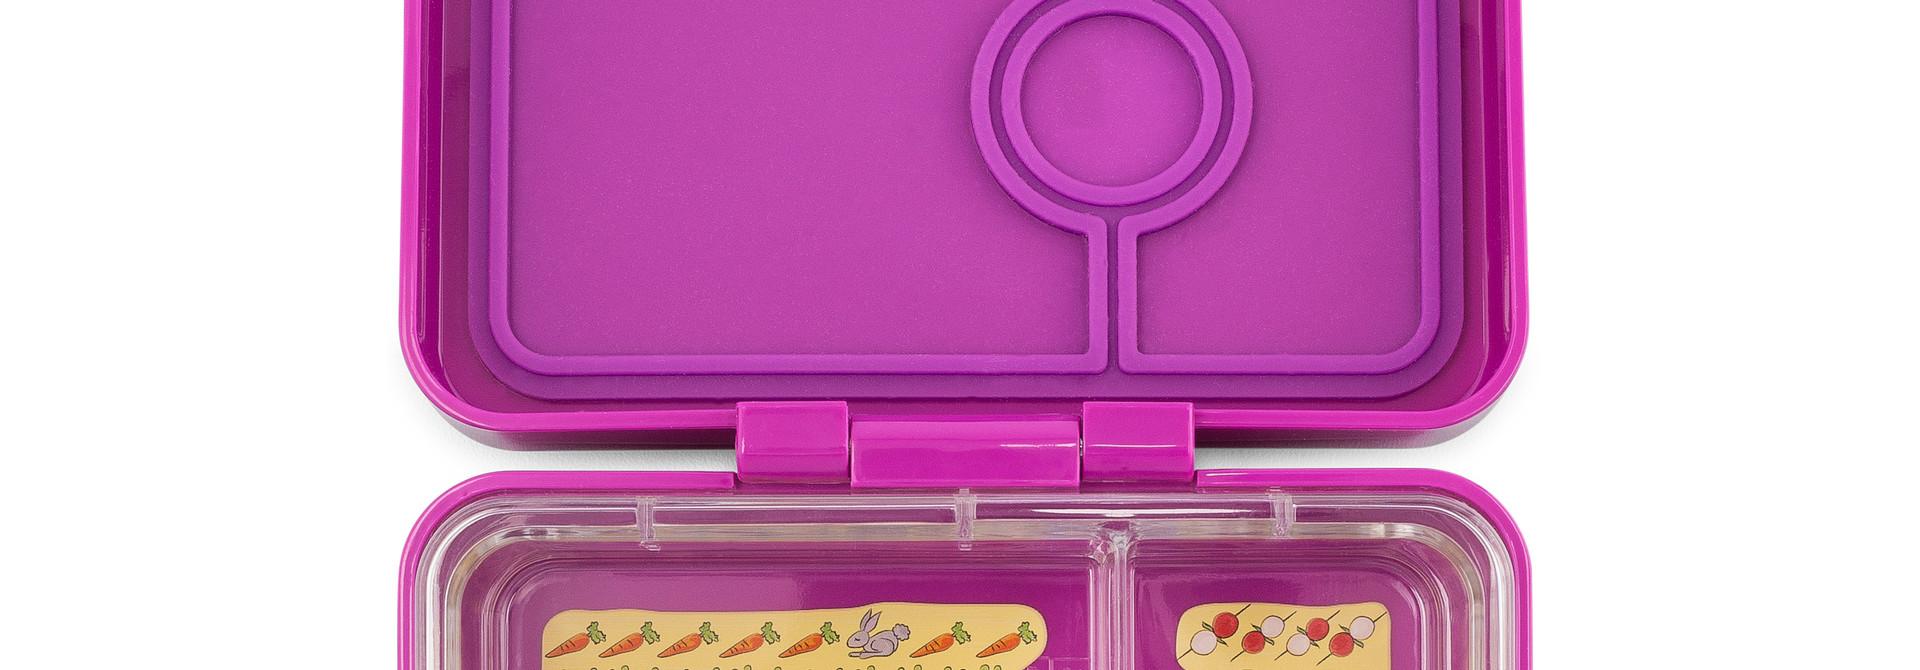 Yumbox MiniSnack broodtrommel 3 vakken Bijoux paars / Kittycat tray